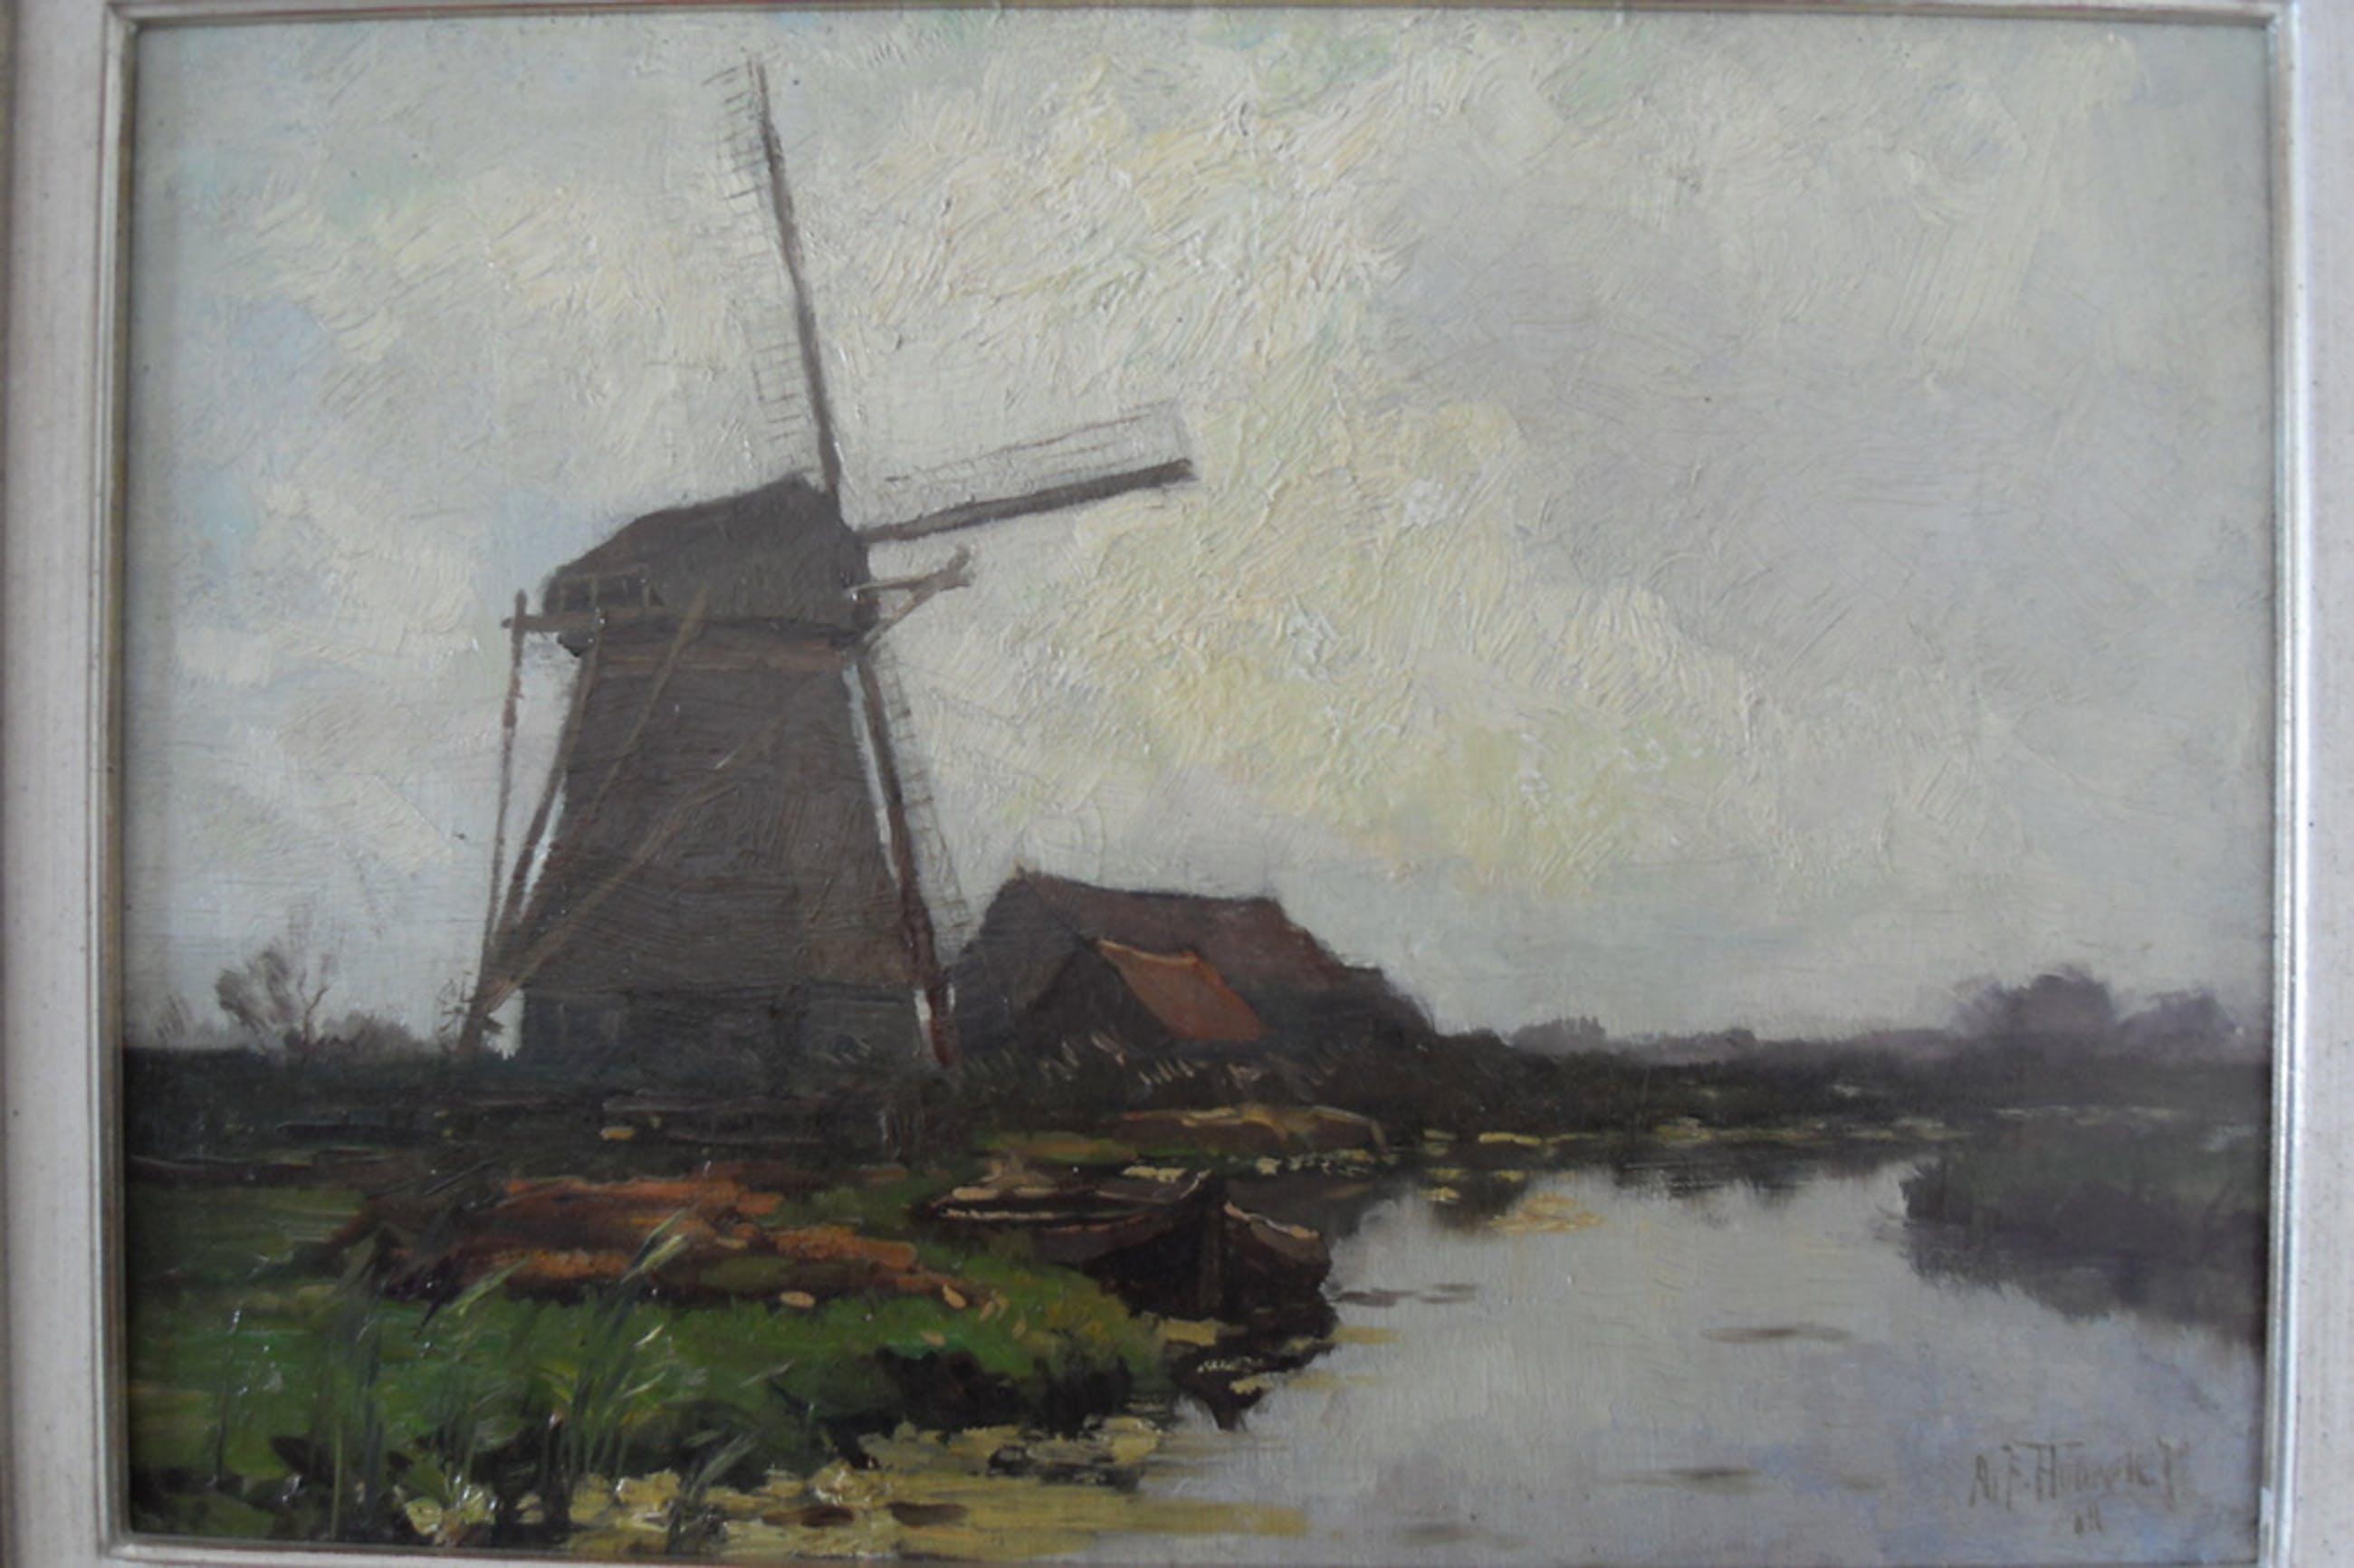 Frits Hubeek, Koenemolen Amstelveen 1917, olieverf op doek, 35 x 45, ro gesign kopen? Bied vanaf 275!